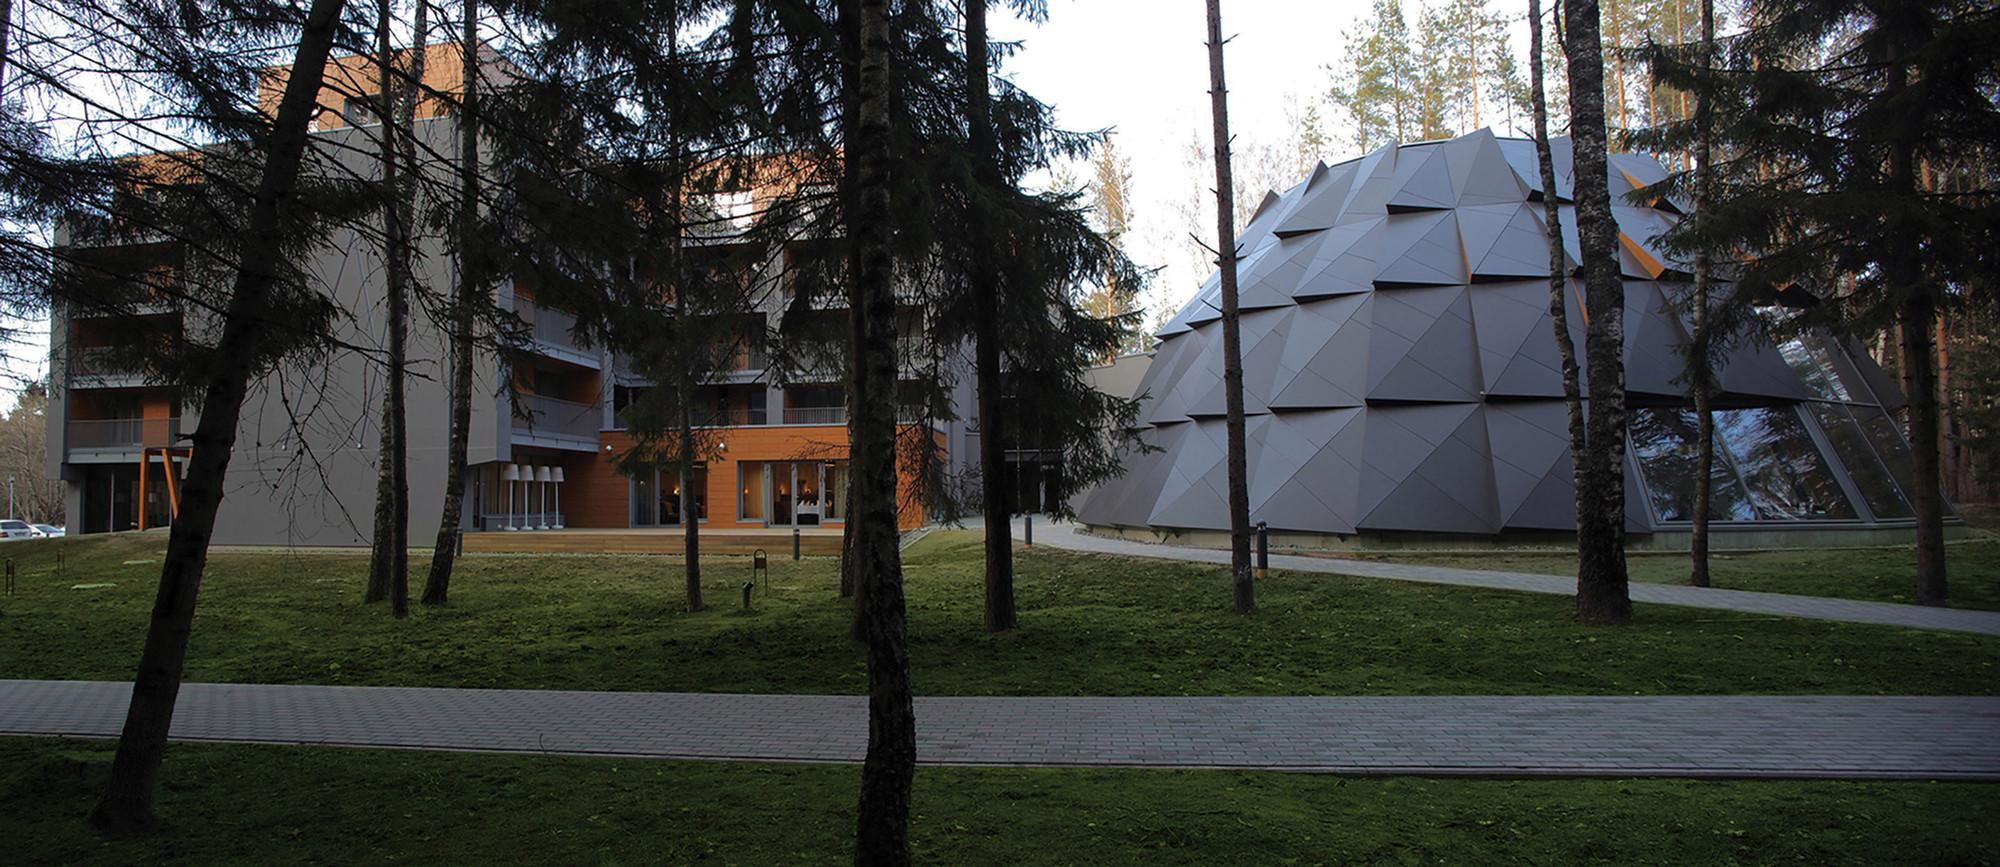 Vilnius SPA - Anykščiai / SP Architektu Grupe, © Raimondas Urbakavičius, Genadij Ignatovič, Diana Garbačauskienė